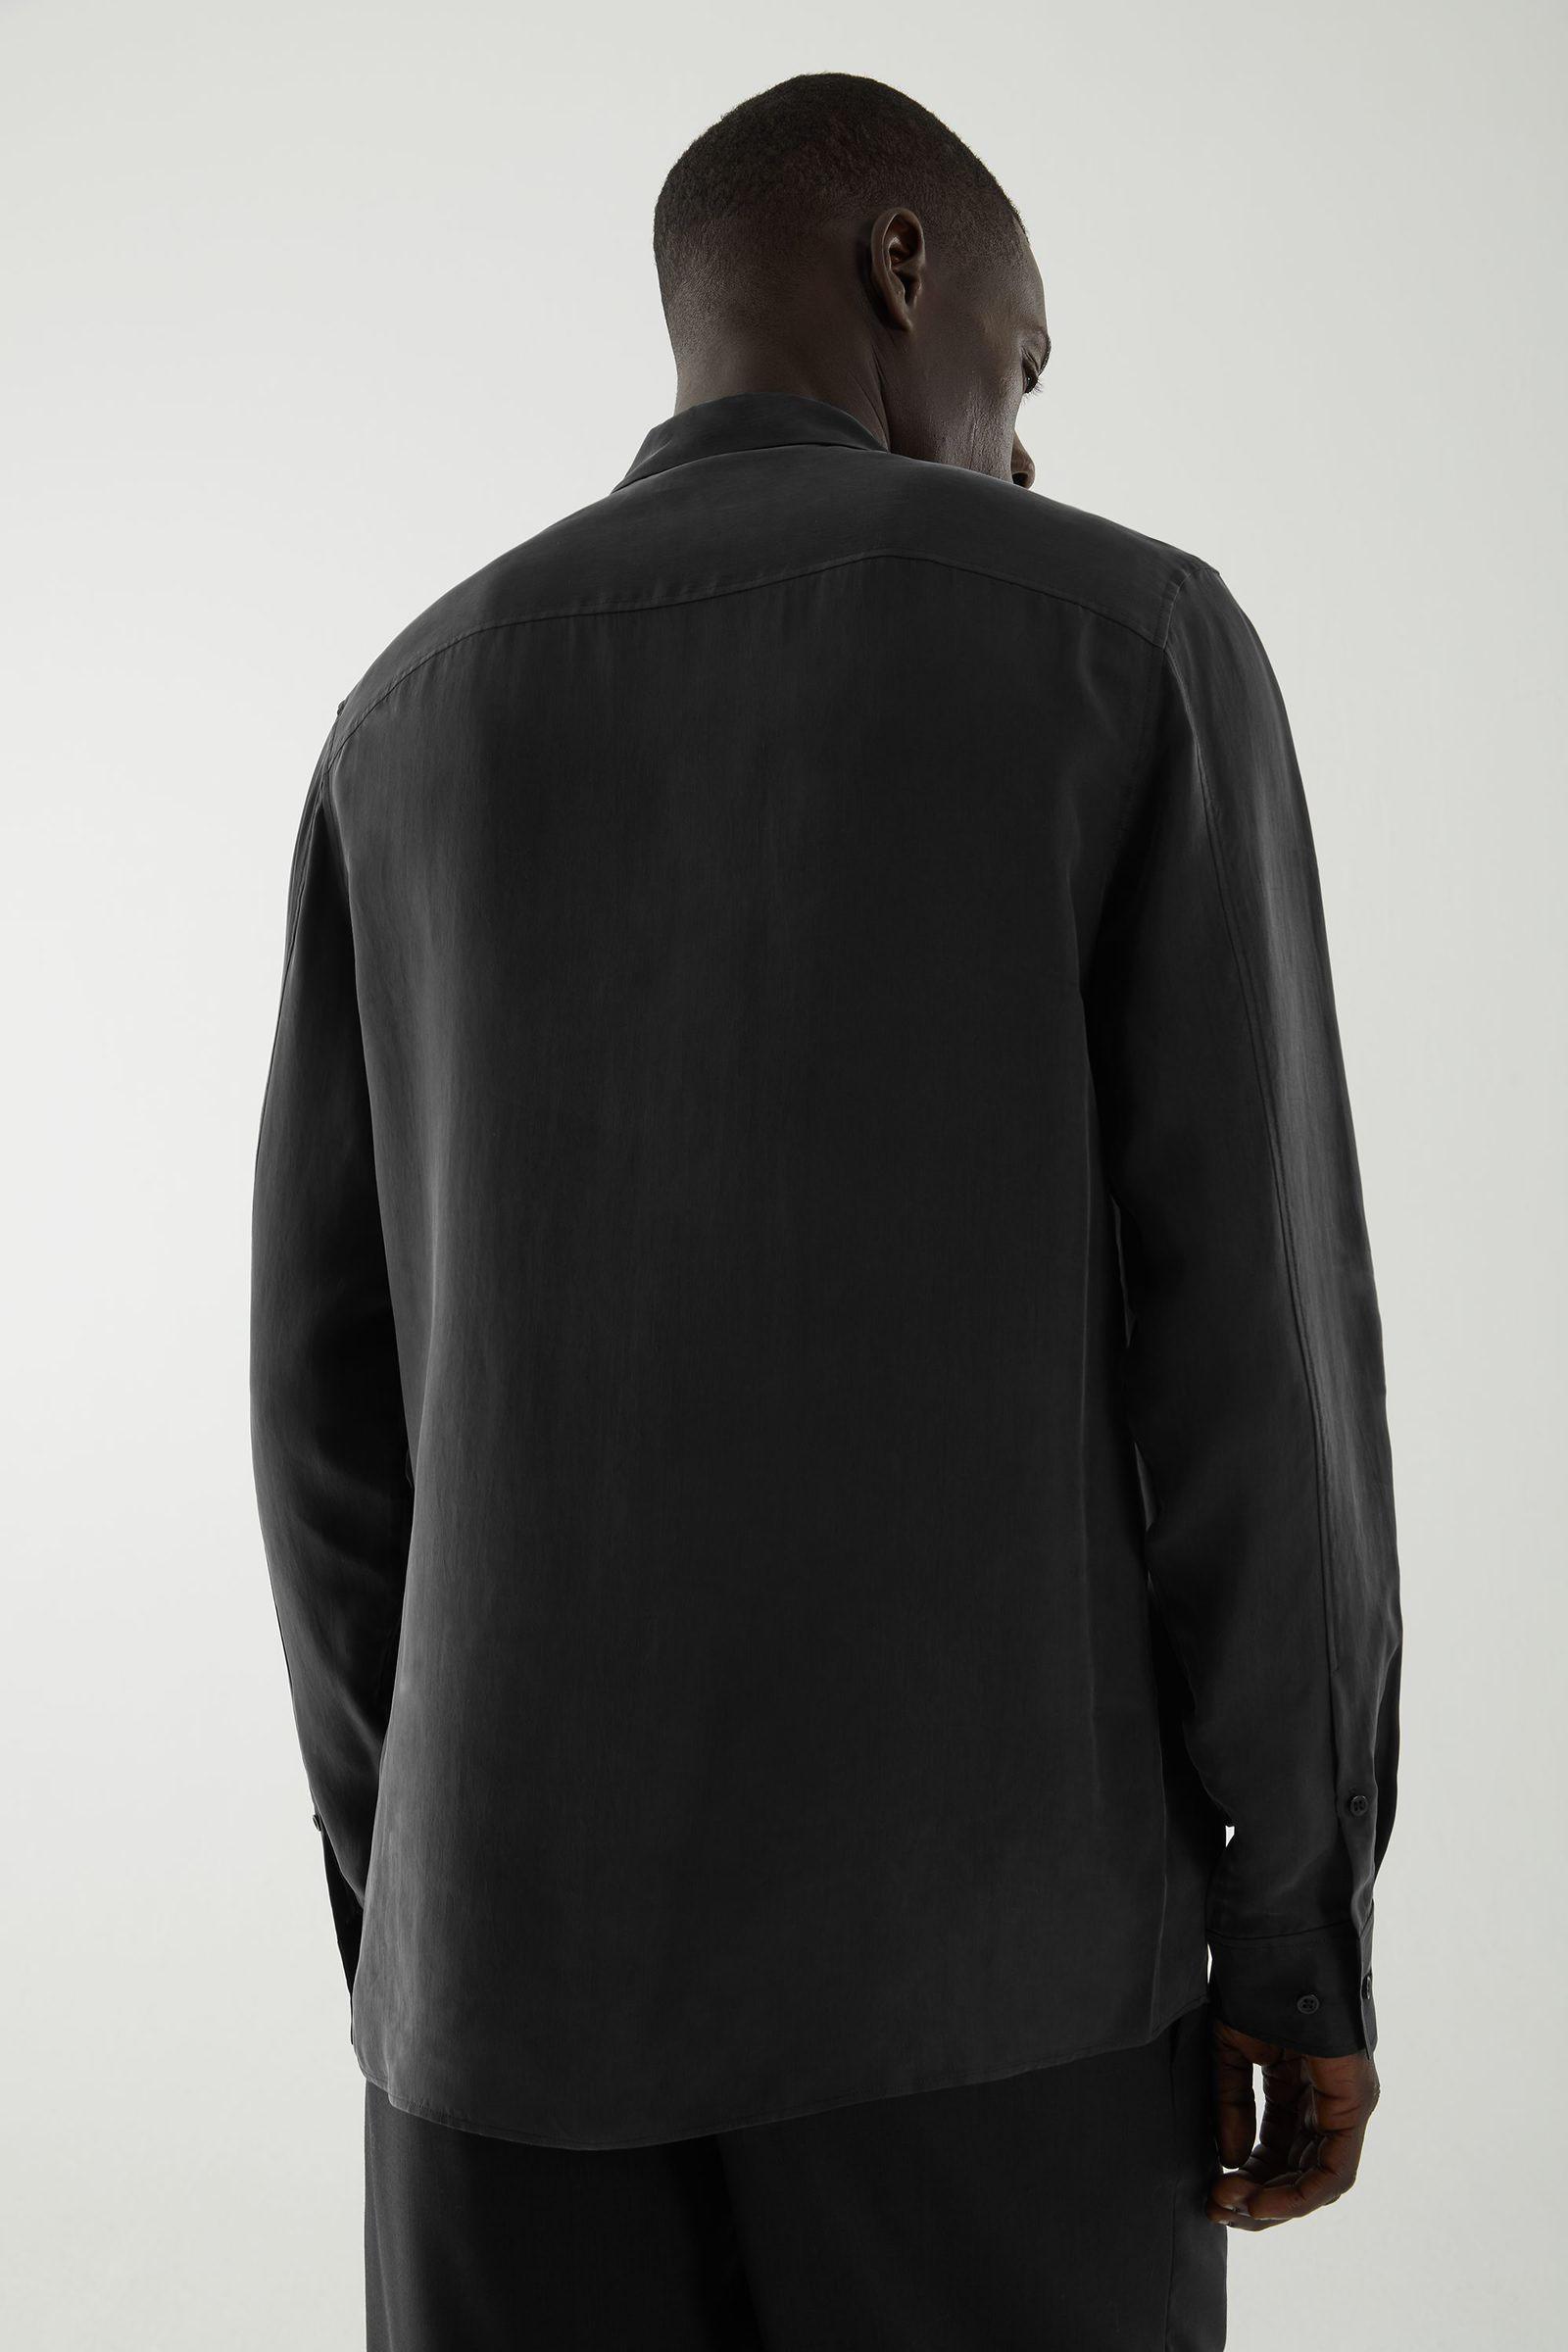 COS 쿠프로 클린 컷 셔츠의 블랙컬러 ECOMLook입니다.